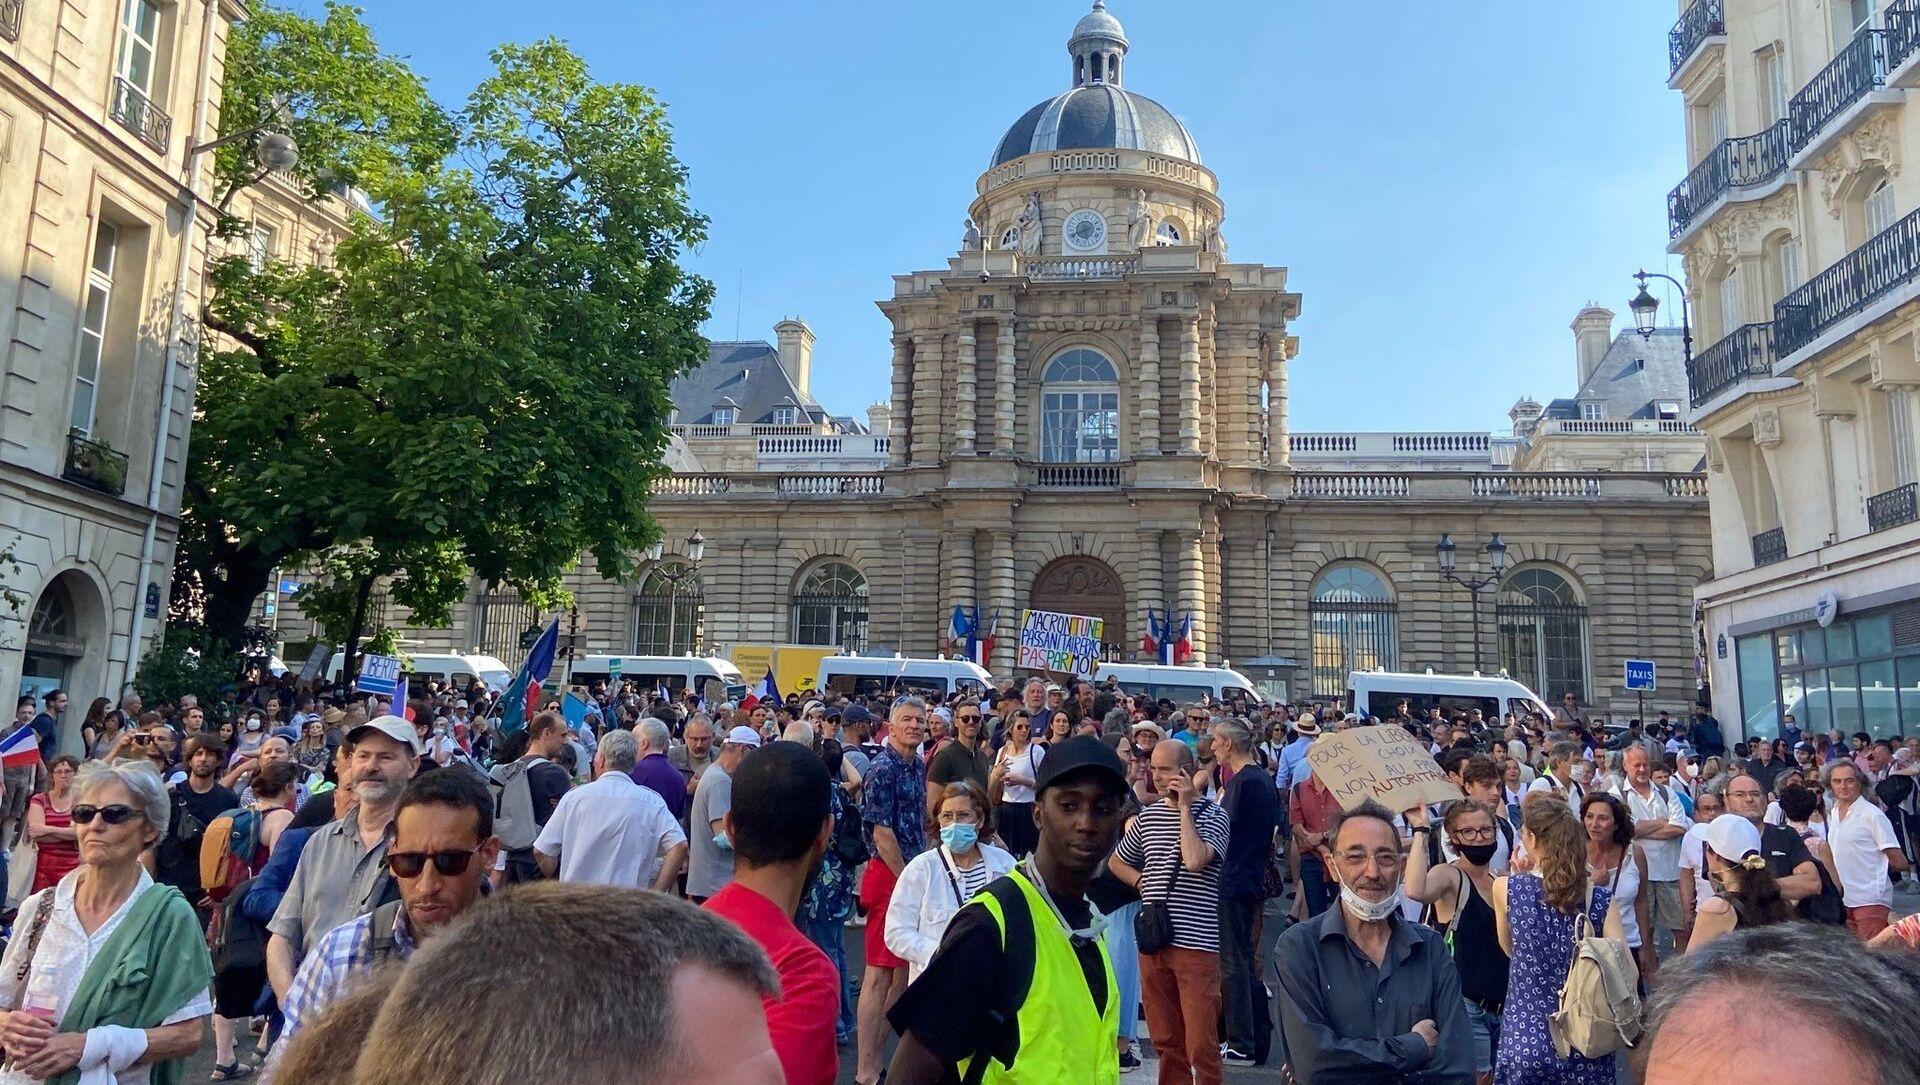 Manifestation contre l'extension du pass sanitaire à Paris, le 22 juillet 2021 - Sputnik France, 1920, 23.07.2021